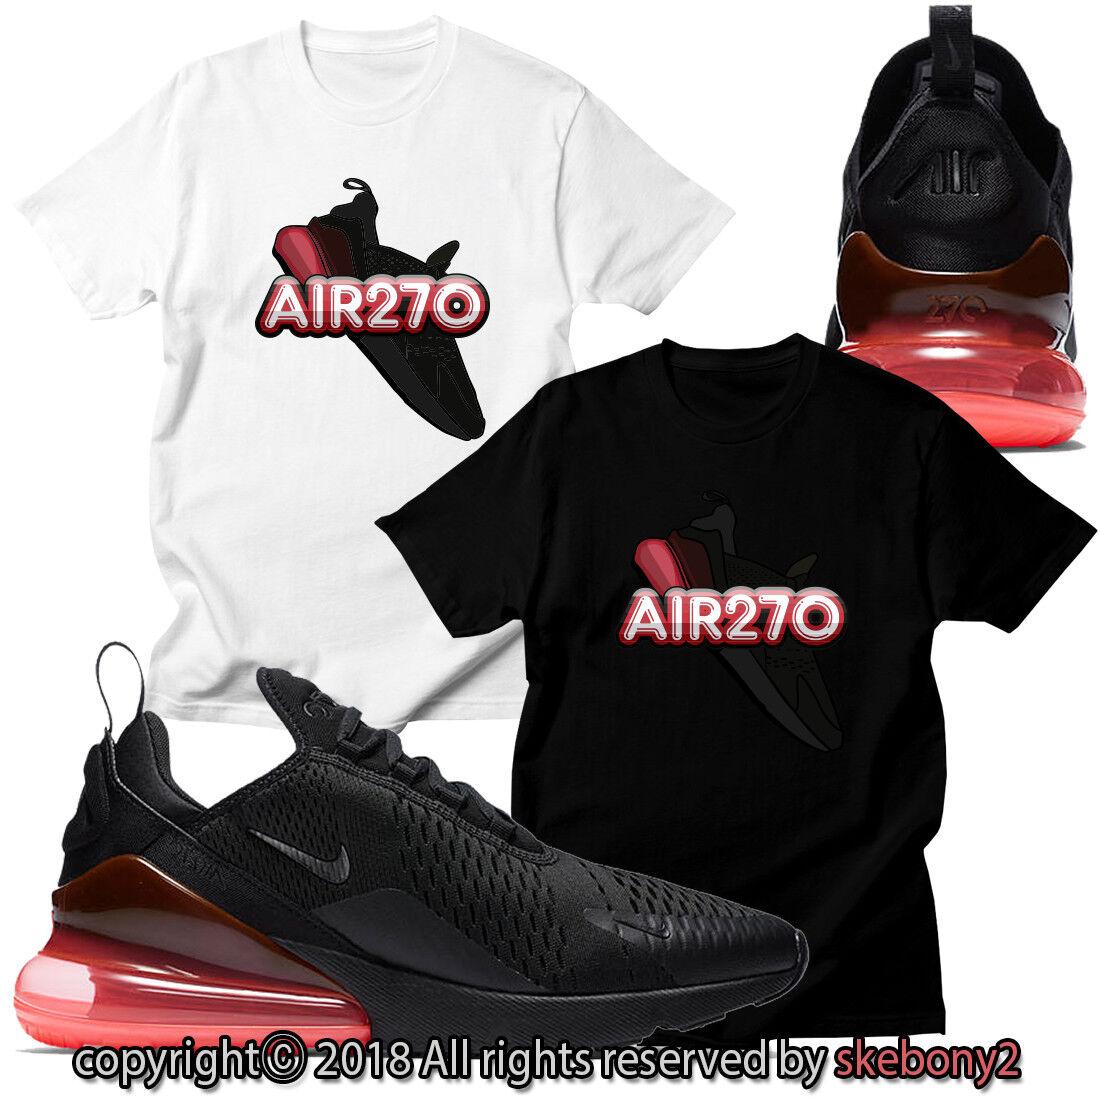 NUEVA CAMISETA PERSONALIZADA haciendo juego Nike Air Max 270 BLACK / HOT PUNCH AM270 1-7-14